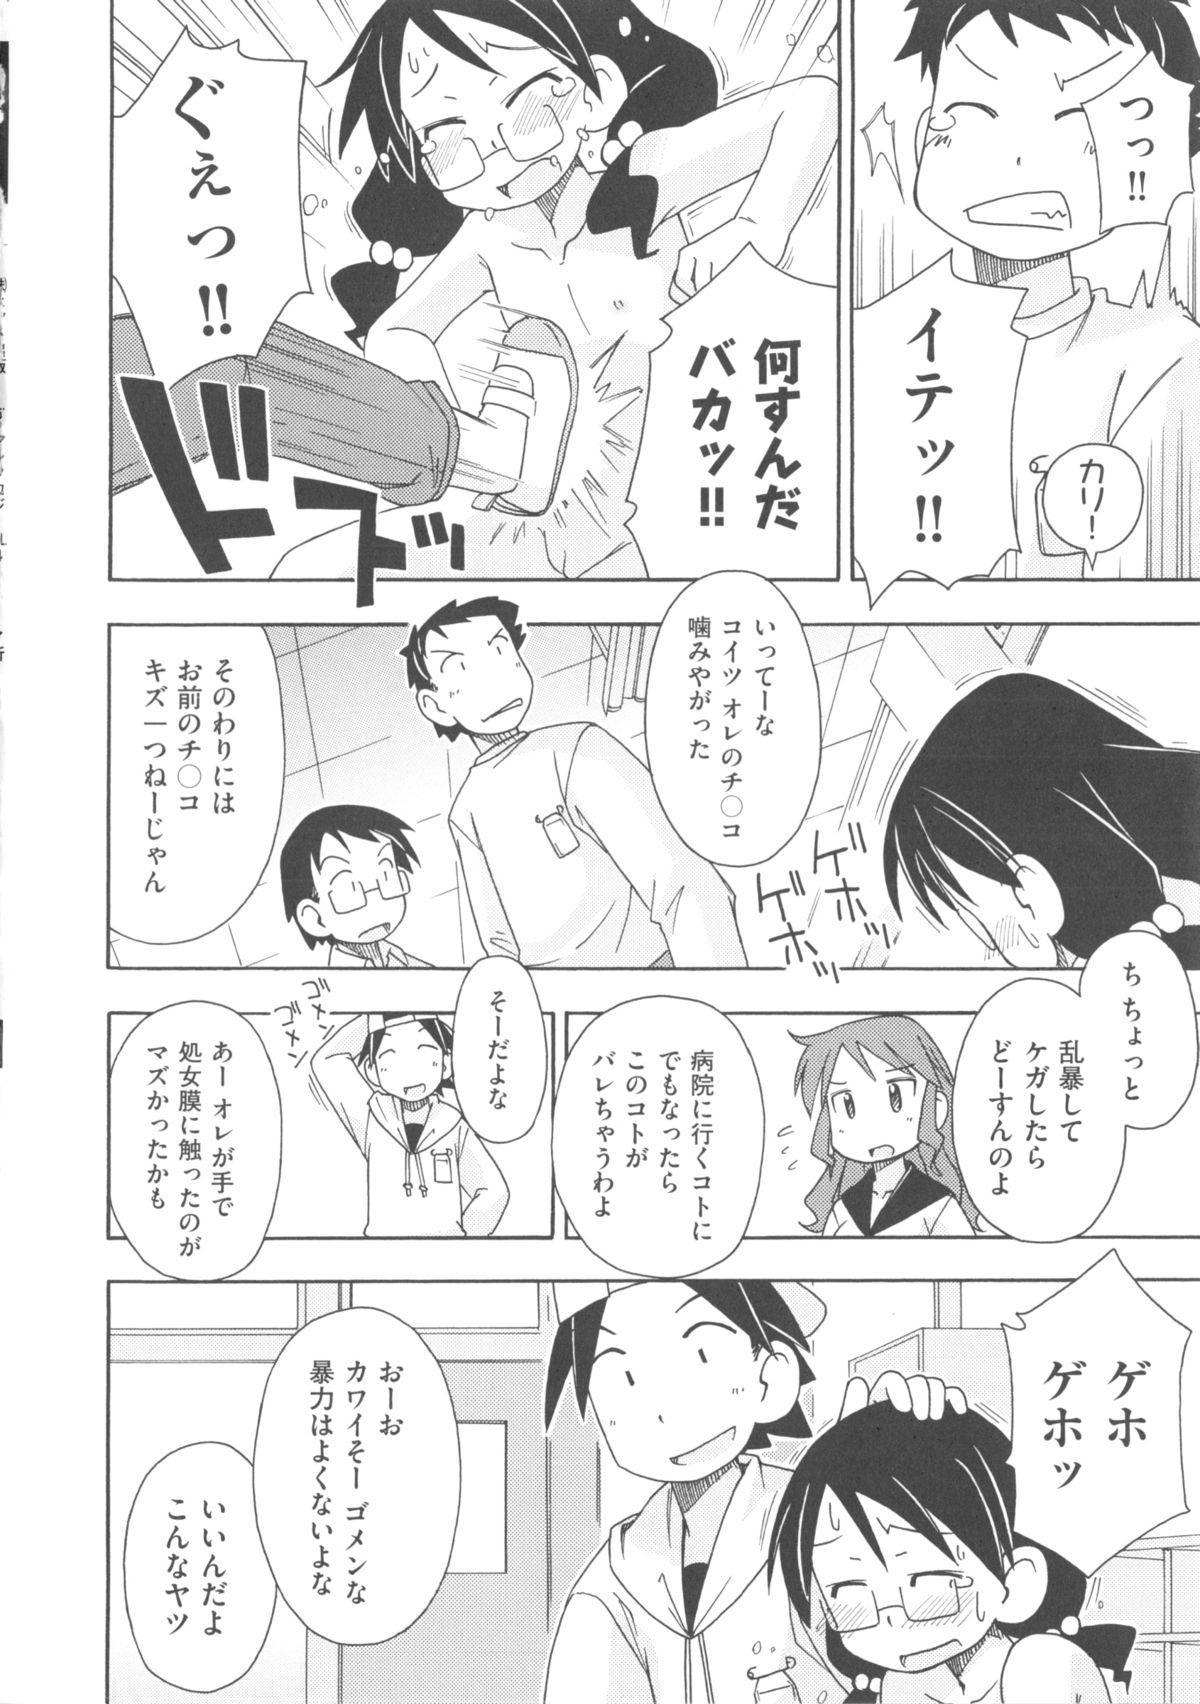 Comic Ino. 04 115